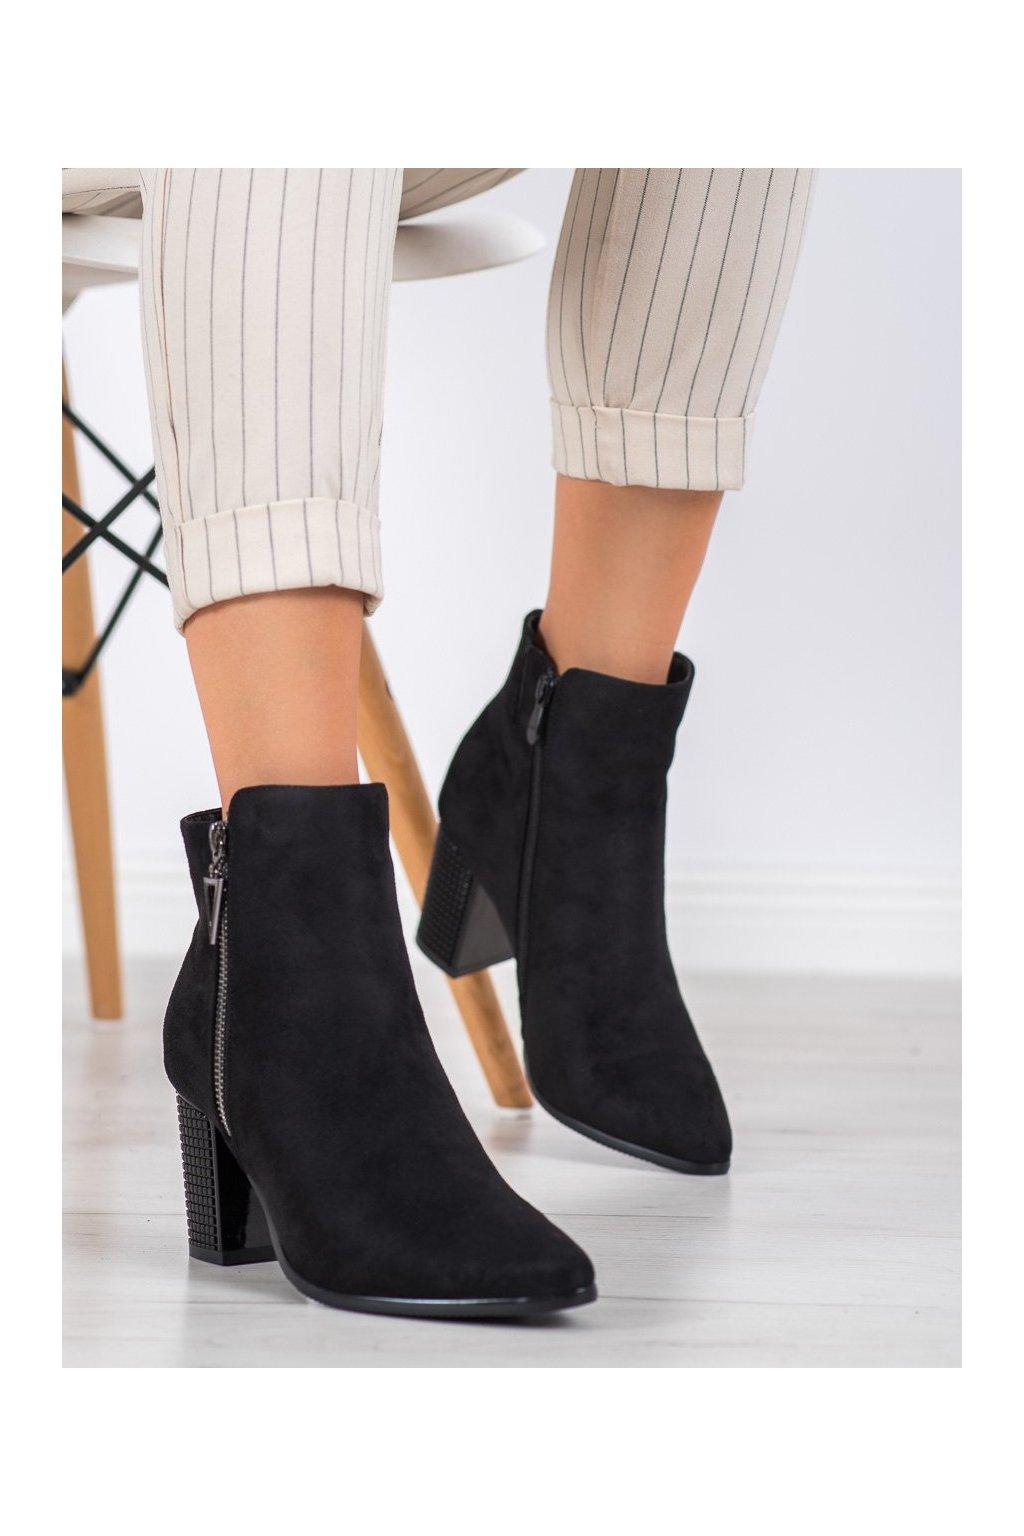 Čierne dámske topánky Vinceza kod HX21-16189B